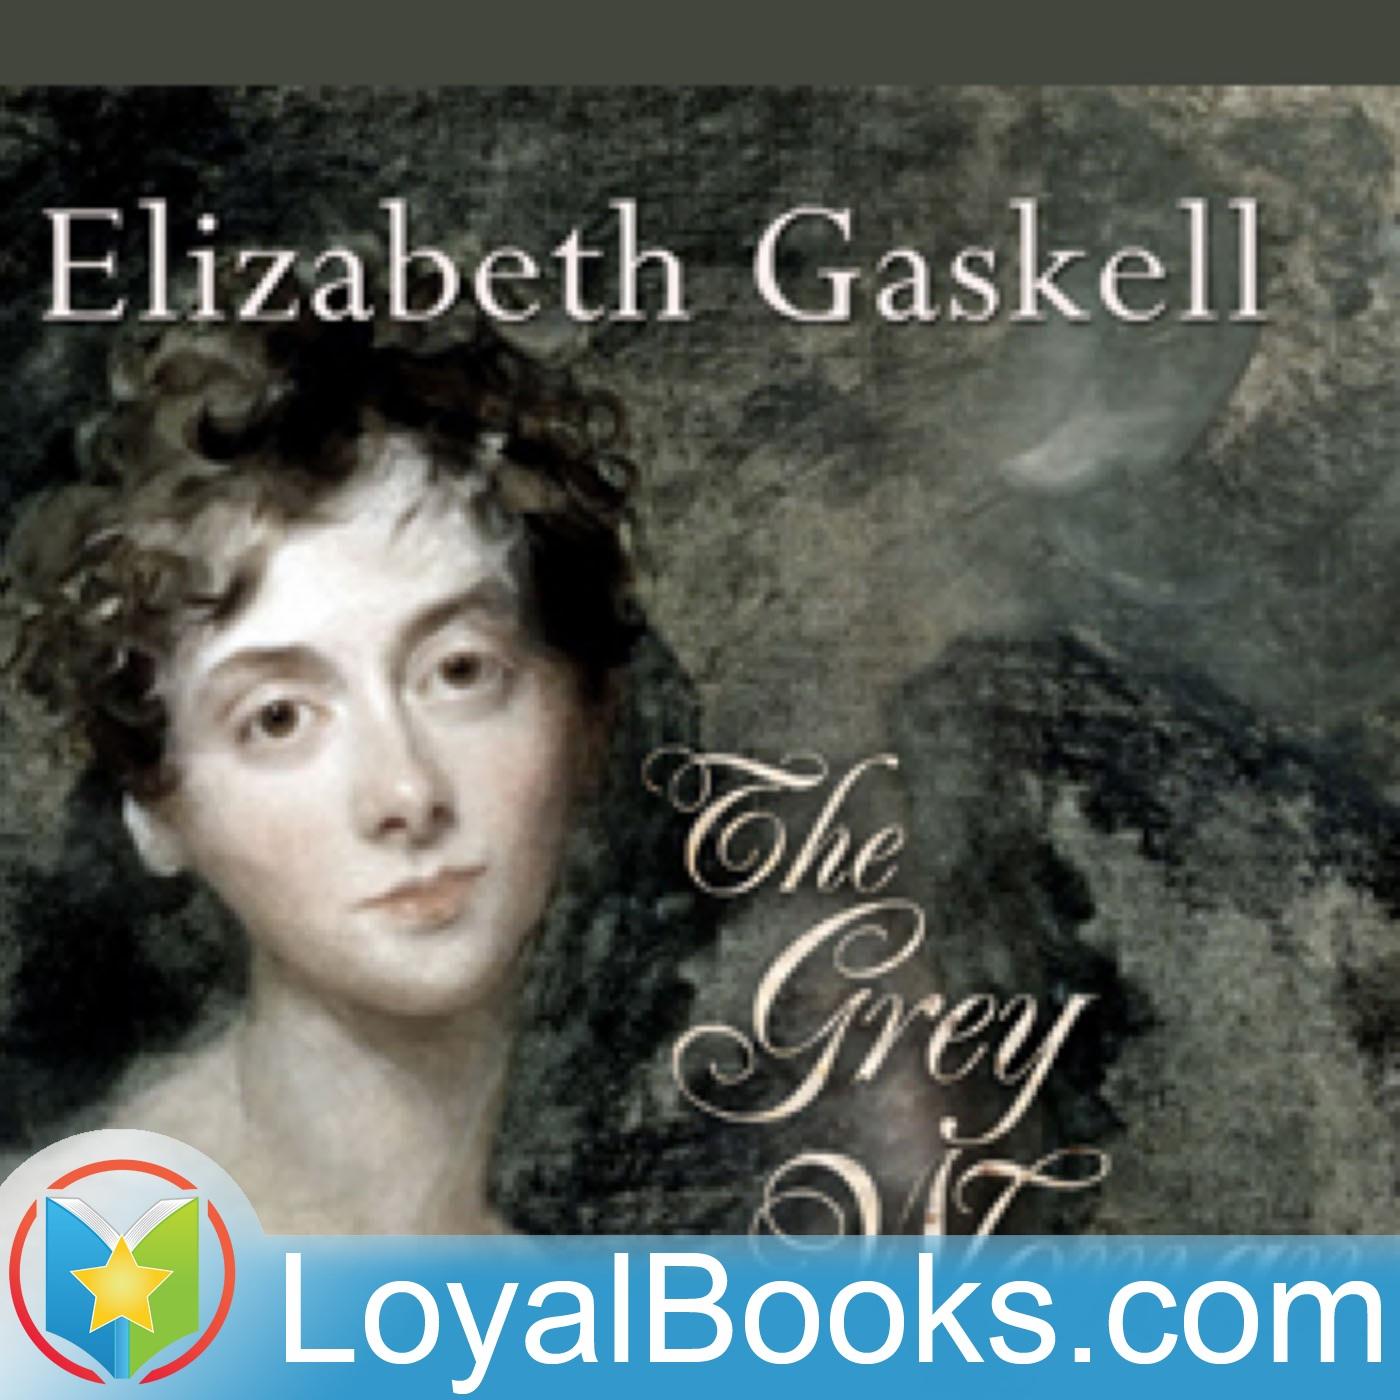 <![CDATA[The Grey Woman by Elizabeth Gaskell]]>